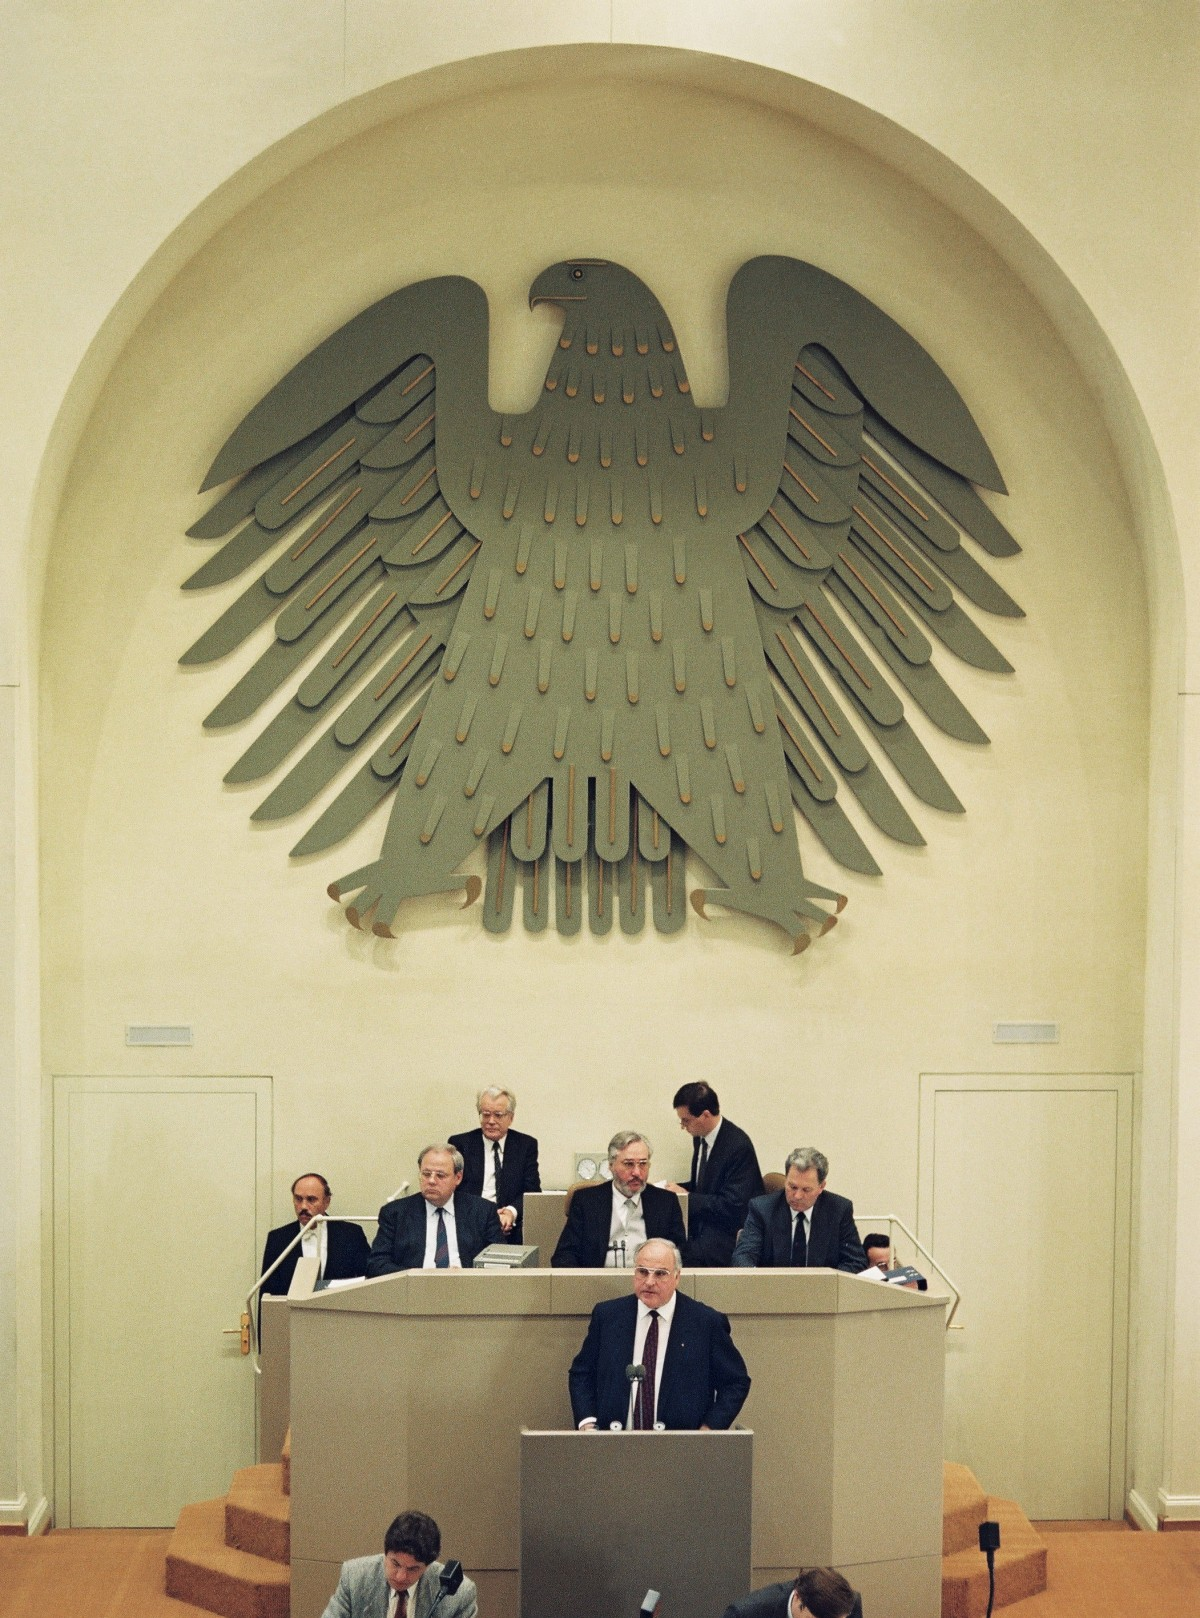 Berlin, Bundestagssitzung 1989. Quelle: Bundesregierung, Fotograf: Reineke